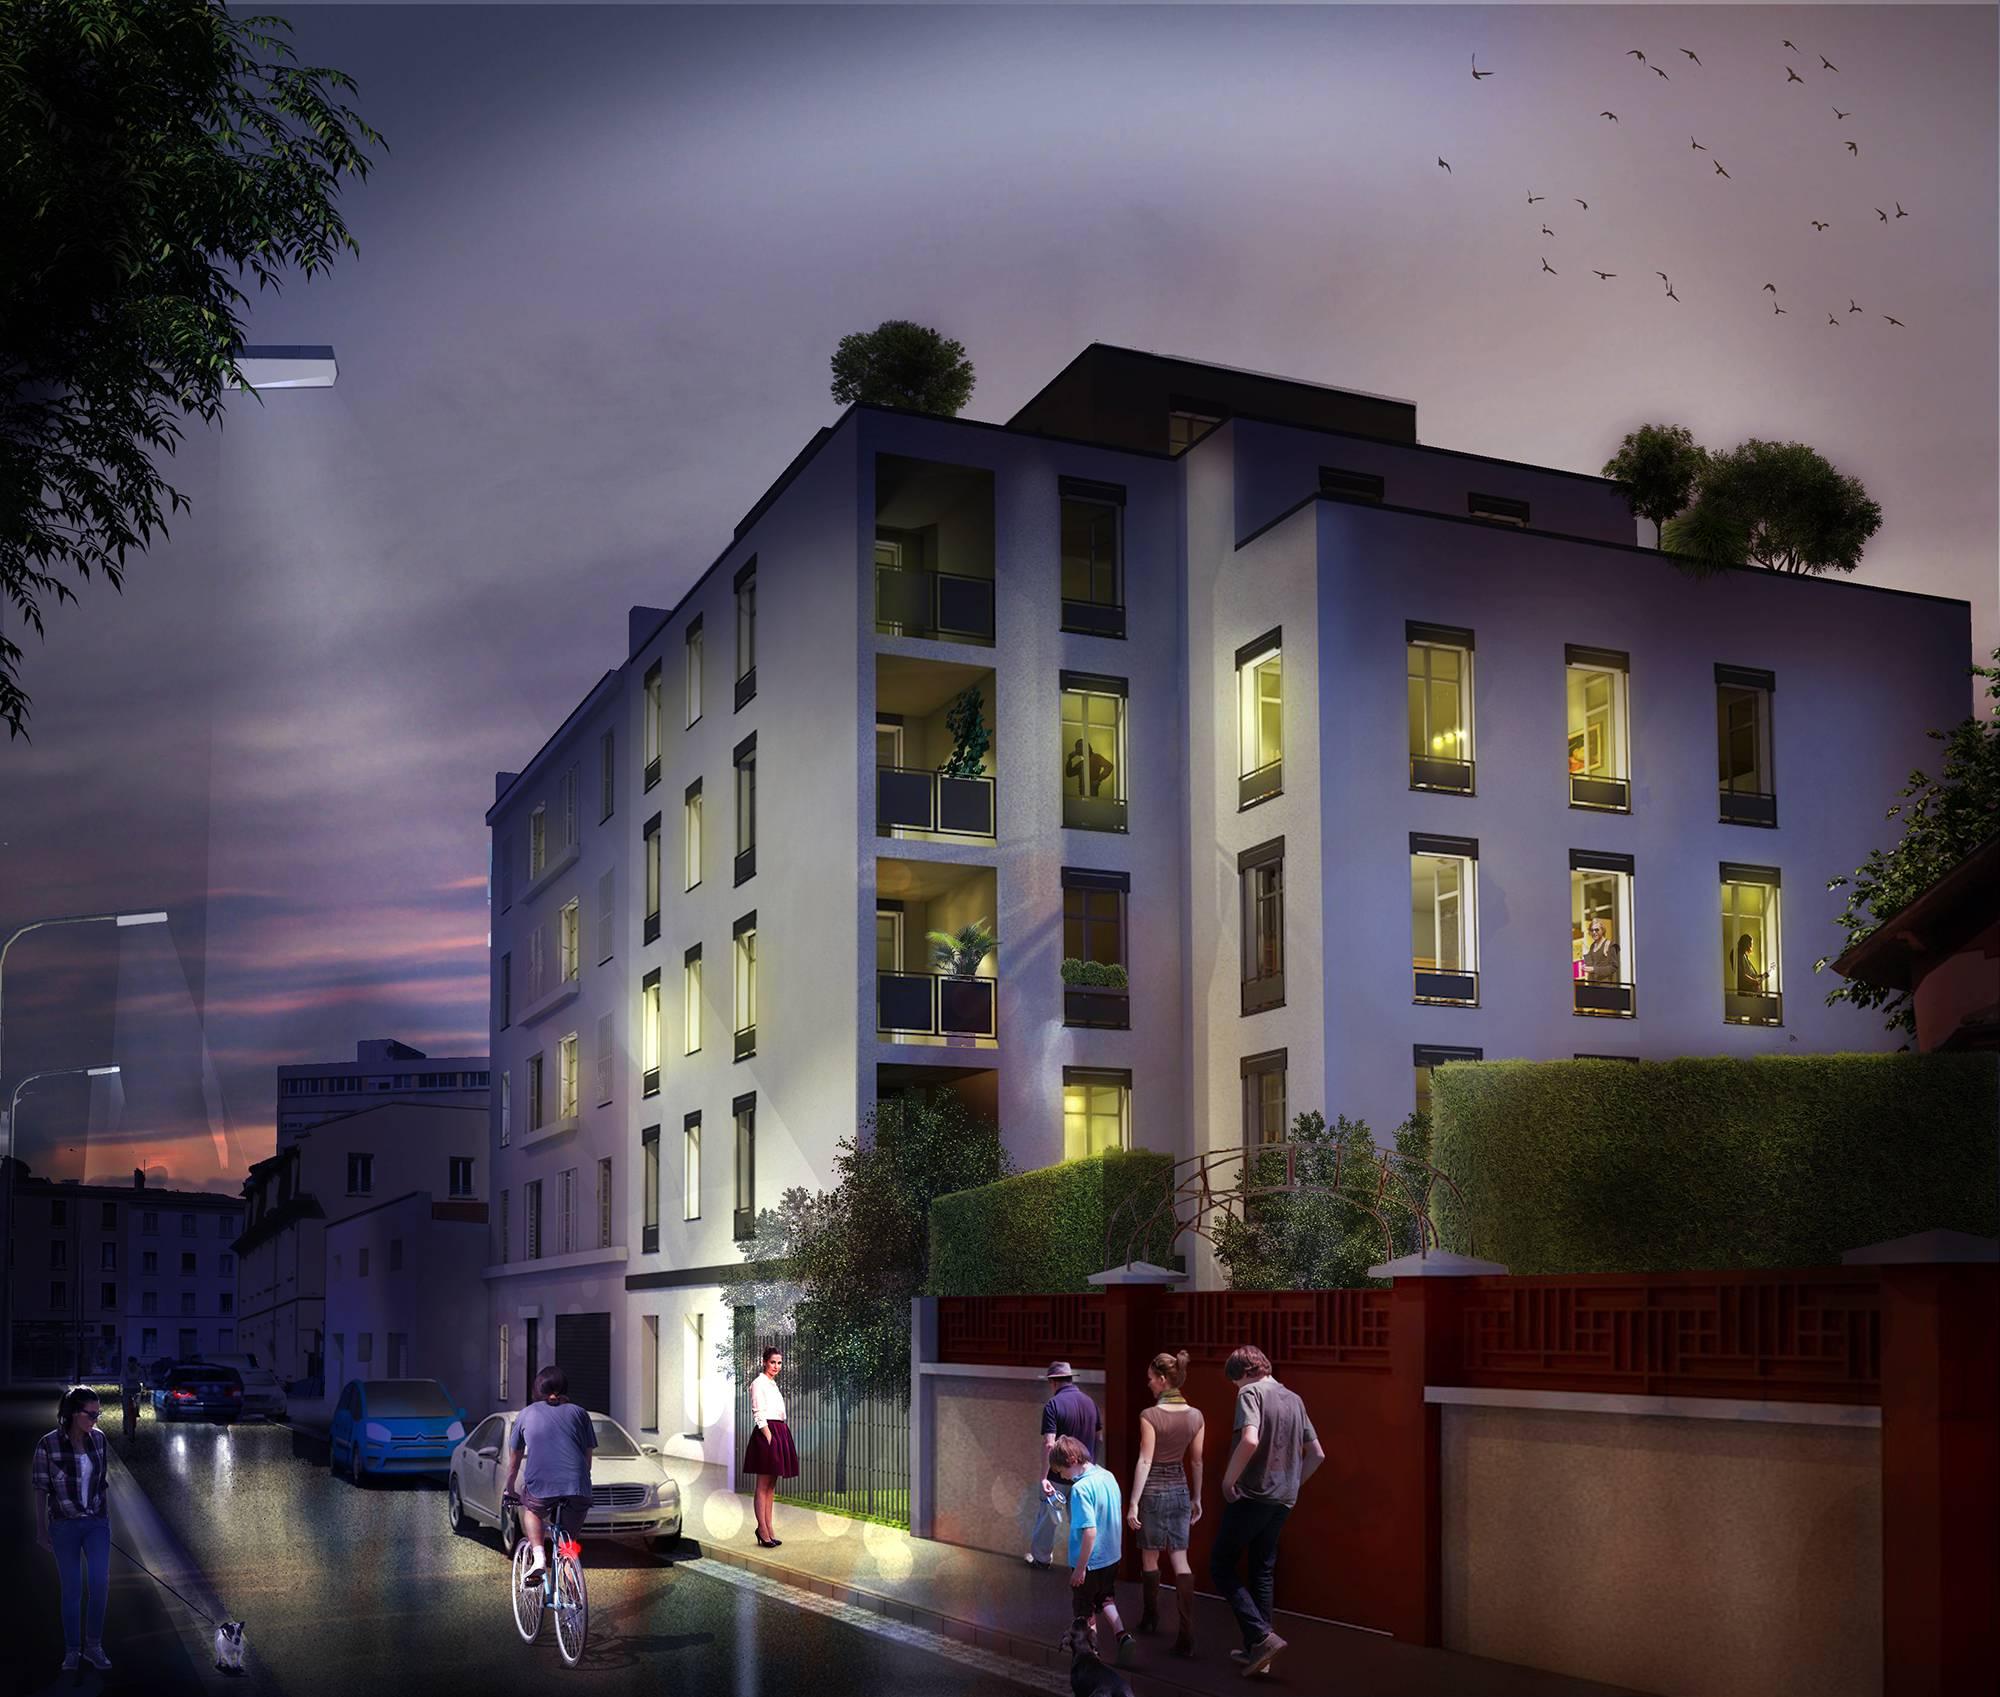 Programme immobilier Lyon 7ème (69007) COEUR 7èmé LNC6